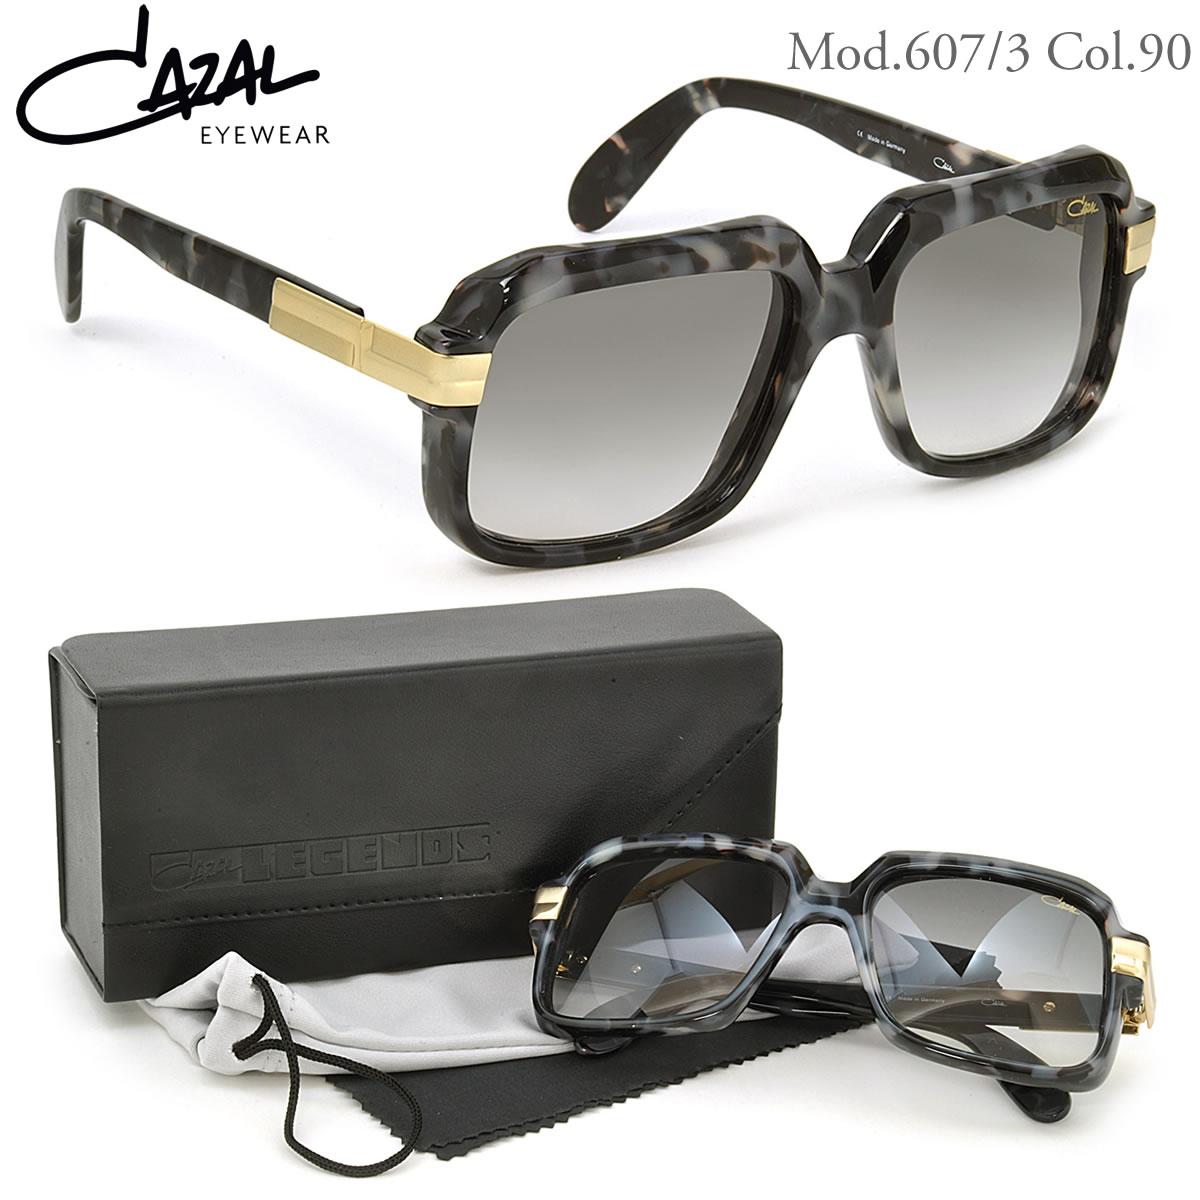 CAZAL カザール サングラス レジェンズ 607/3 90 56サイズ 限定カモフラージュカラー レジェンド CAZAL LEGENDS メンズ レディース